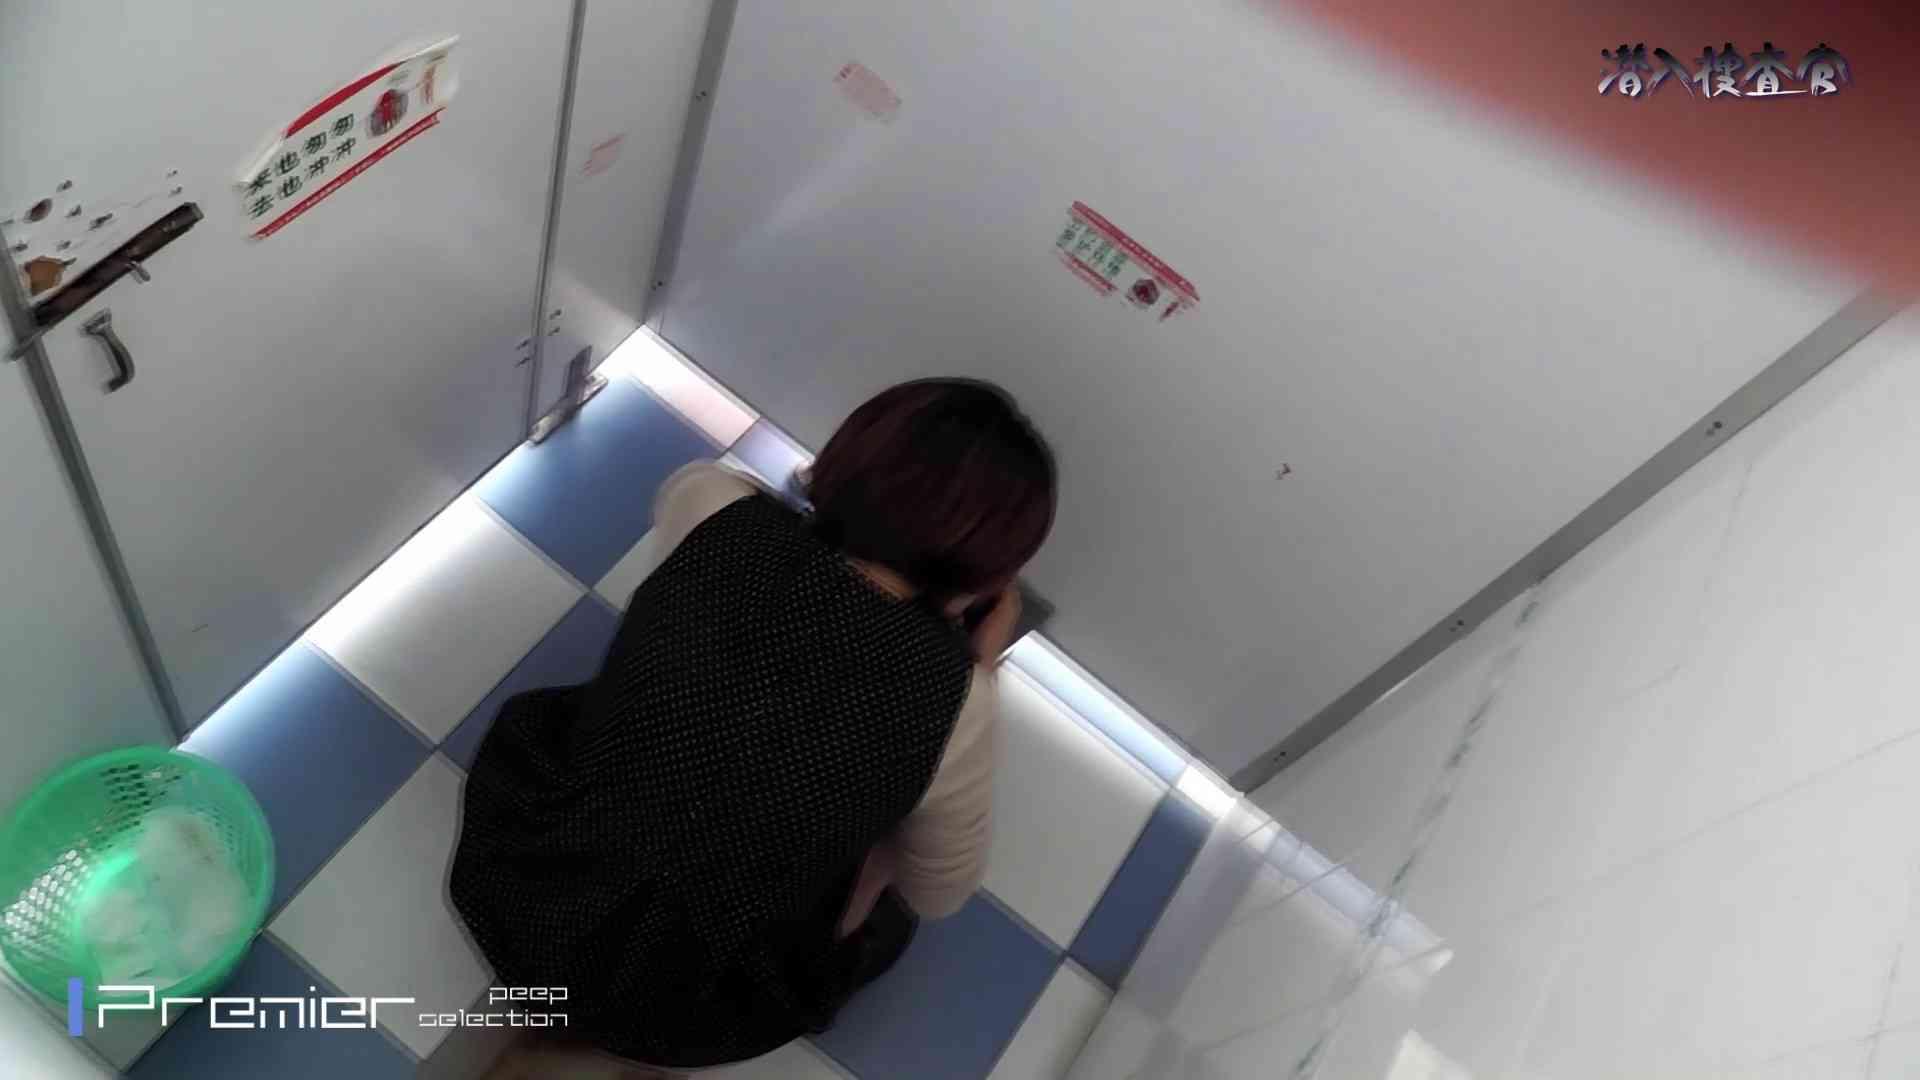 下からノゾム vol.040 見て分かる、美女の尻は違います。 トイレの中の女の子 われめAV動画紹介 84連発 14